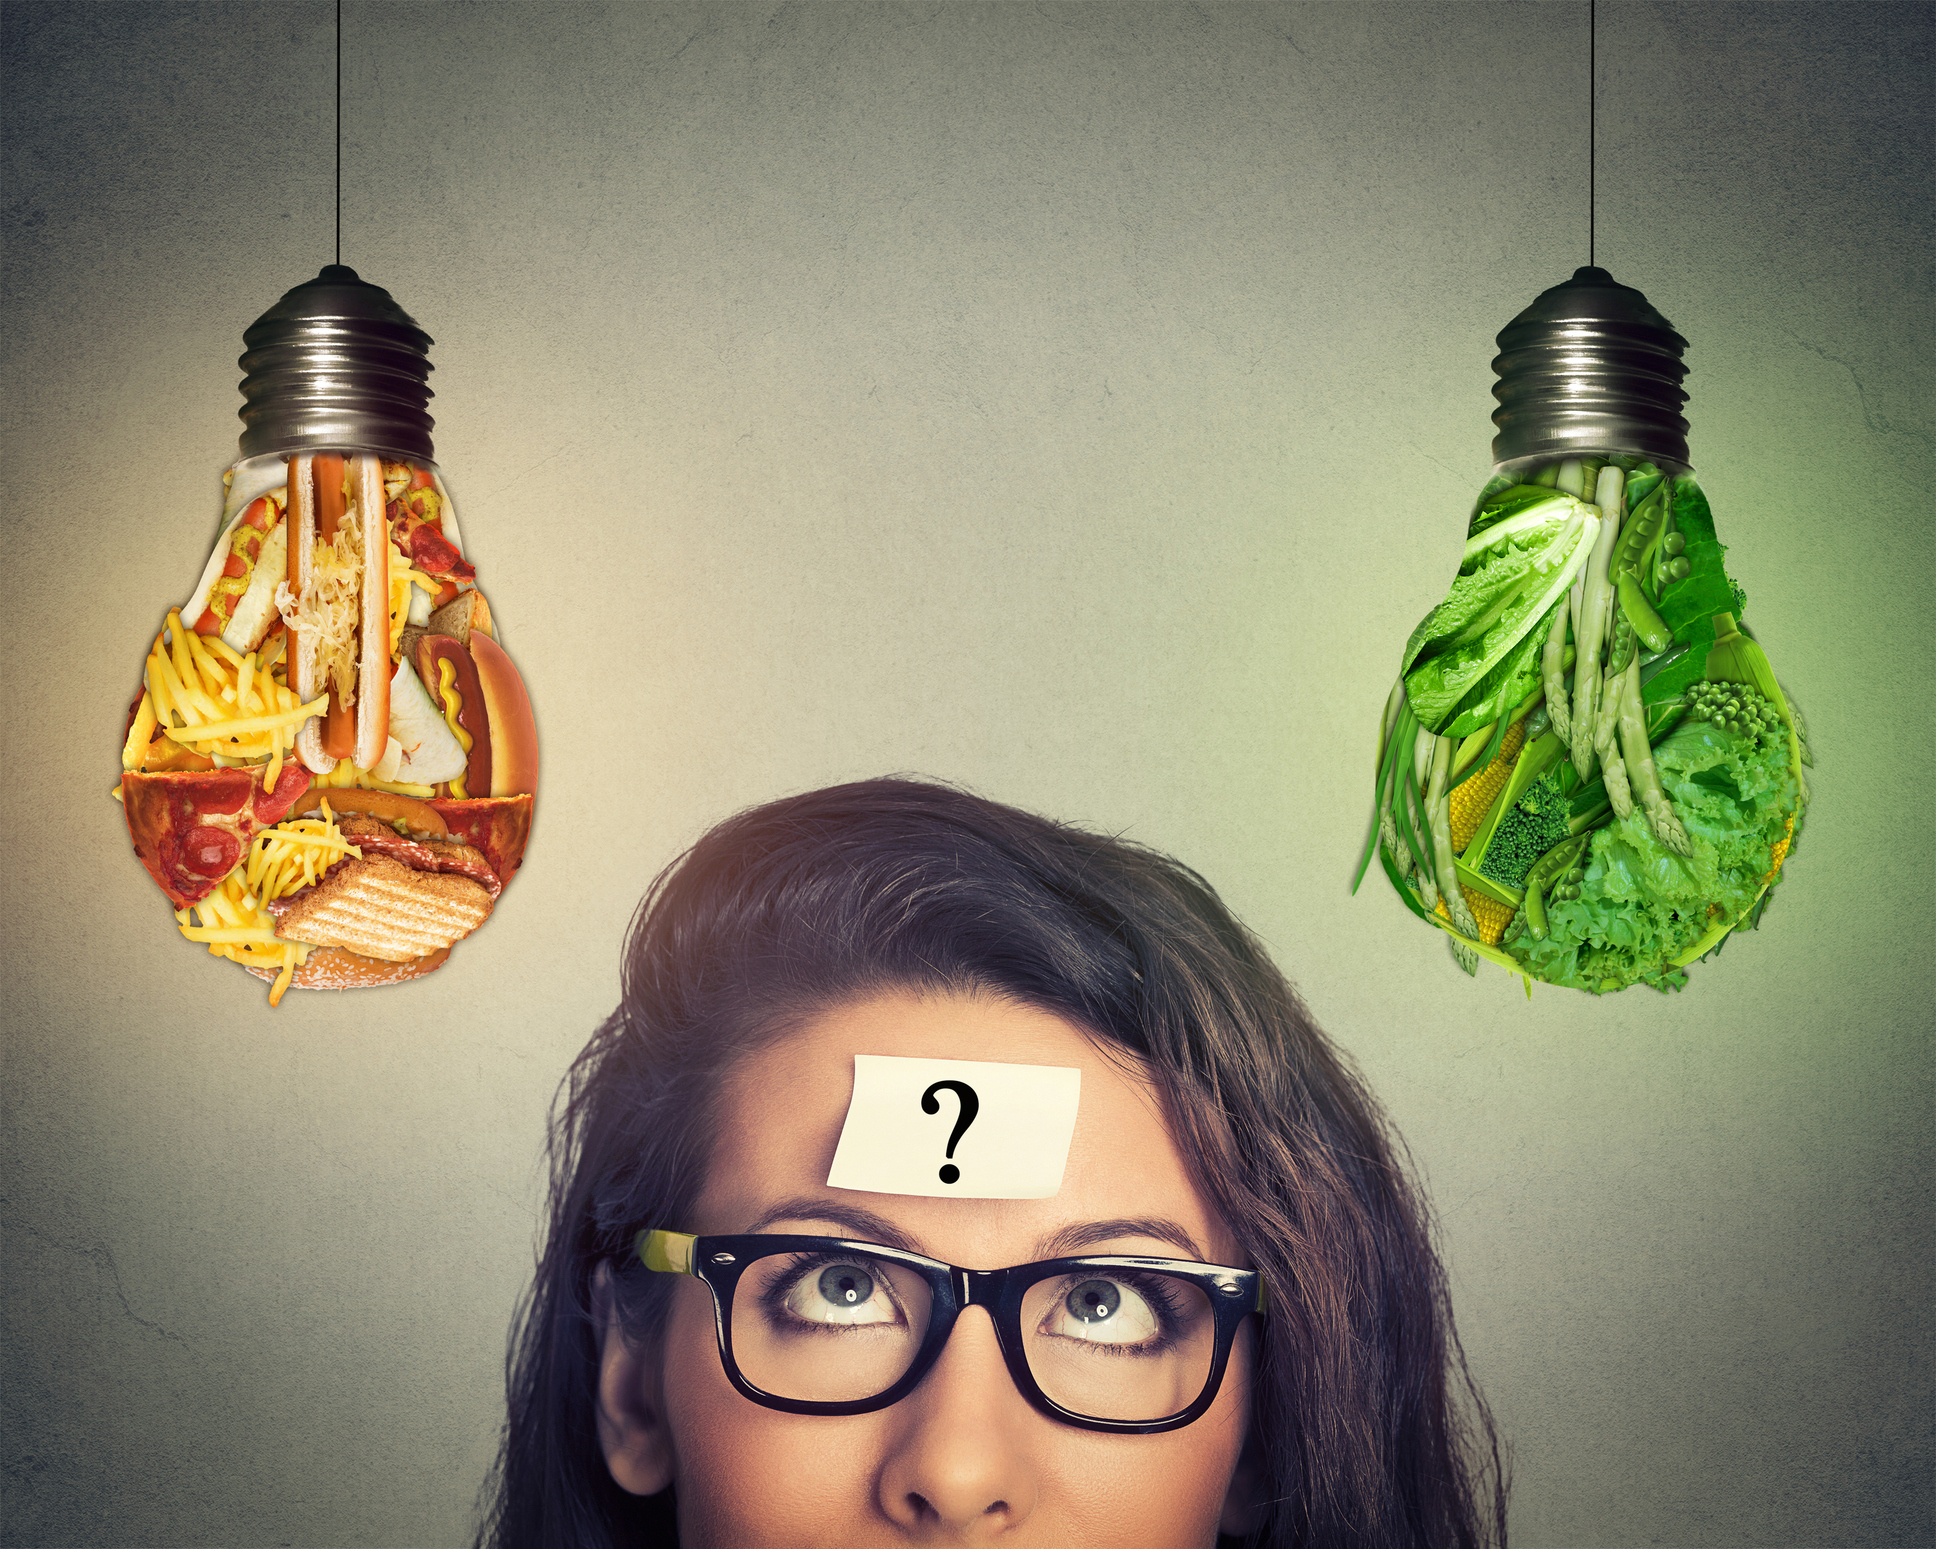 Co zjeść żeby się nie najeść?